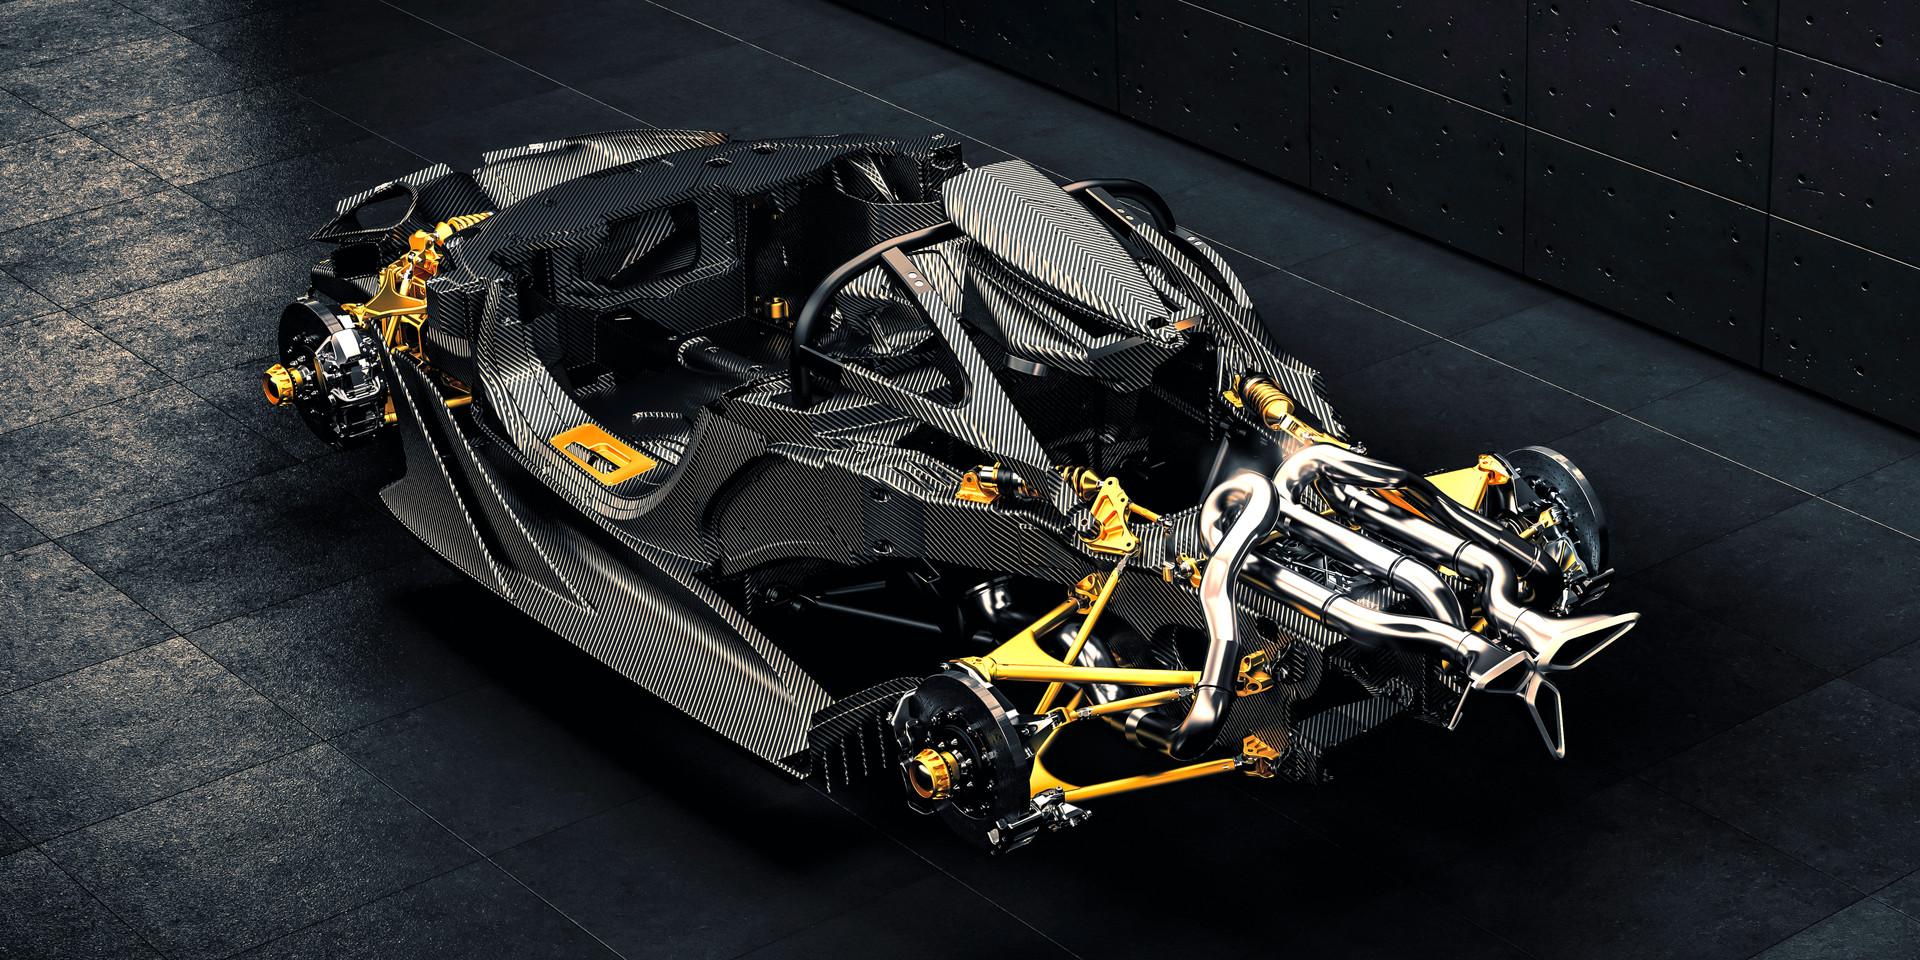 wyn design chassis rear apollo.jpg